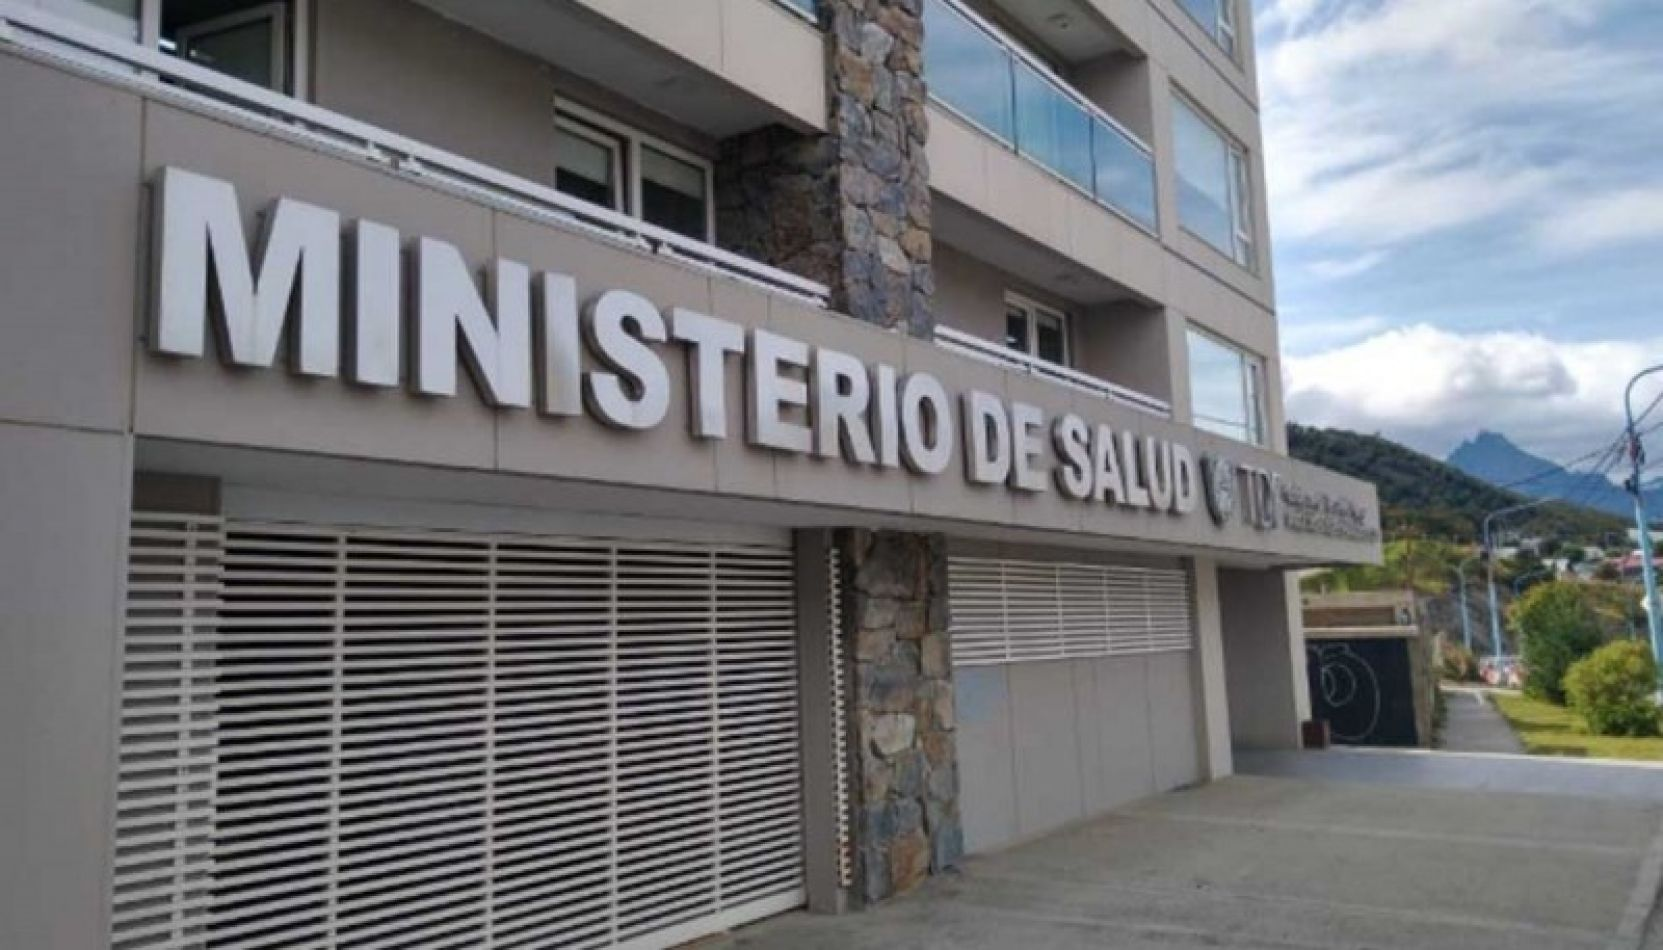 Ministerio de Salud de Tierra del Fuego